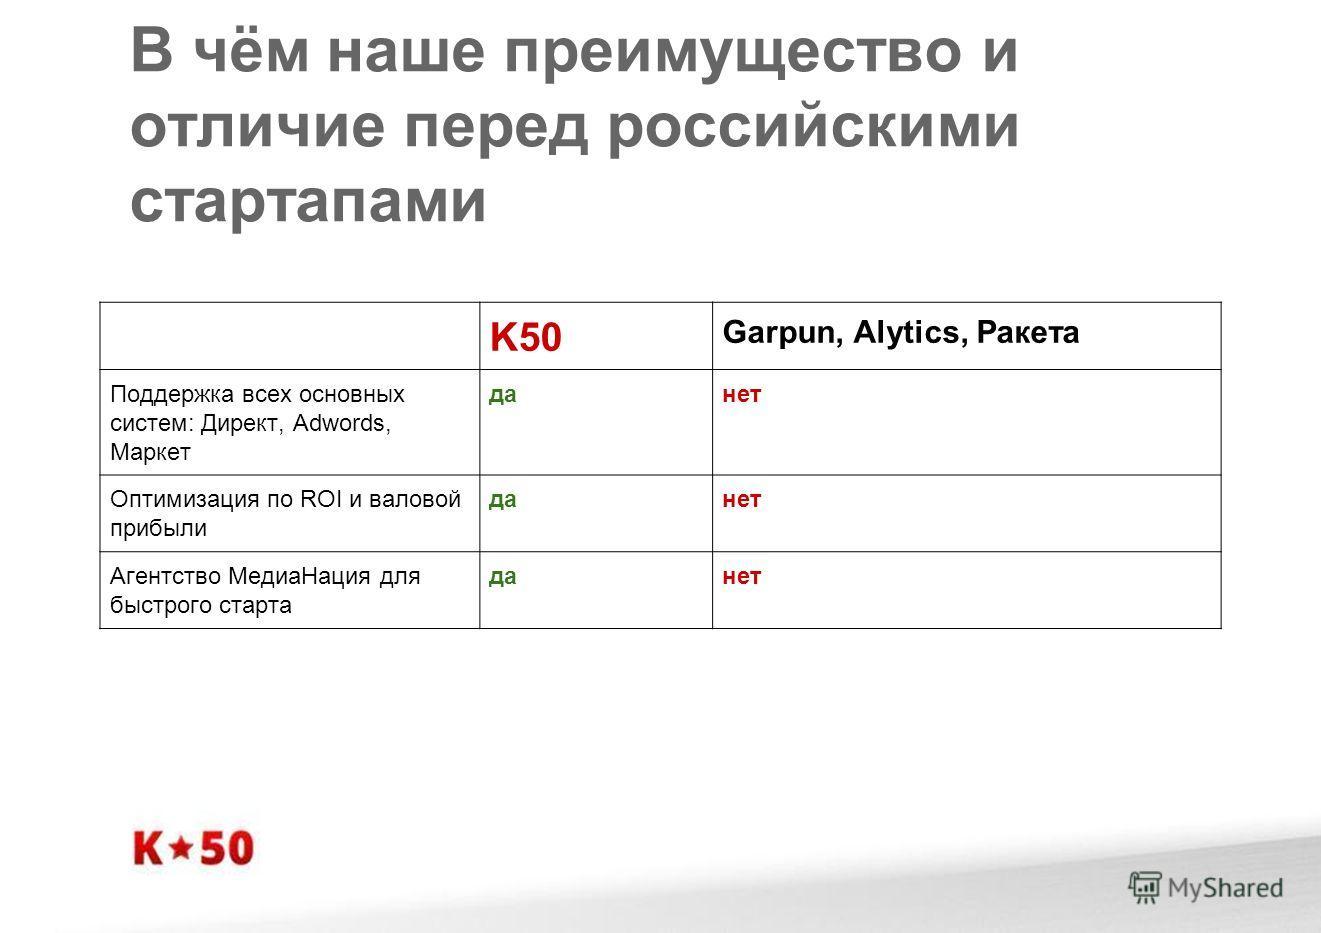 В чём наше преимущество и отличие перед российскими стартапами K50 Garpun, Alytics, Ракета Поддержка всех основных систем: Директ, Adwords, Маркет данет Оптимизация по ROI и валовой прибыли данет Агентство МедиаНация для быстрого старта данет